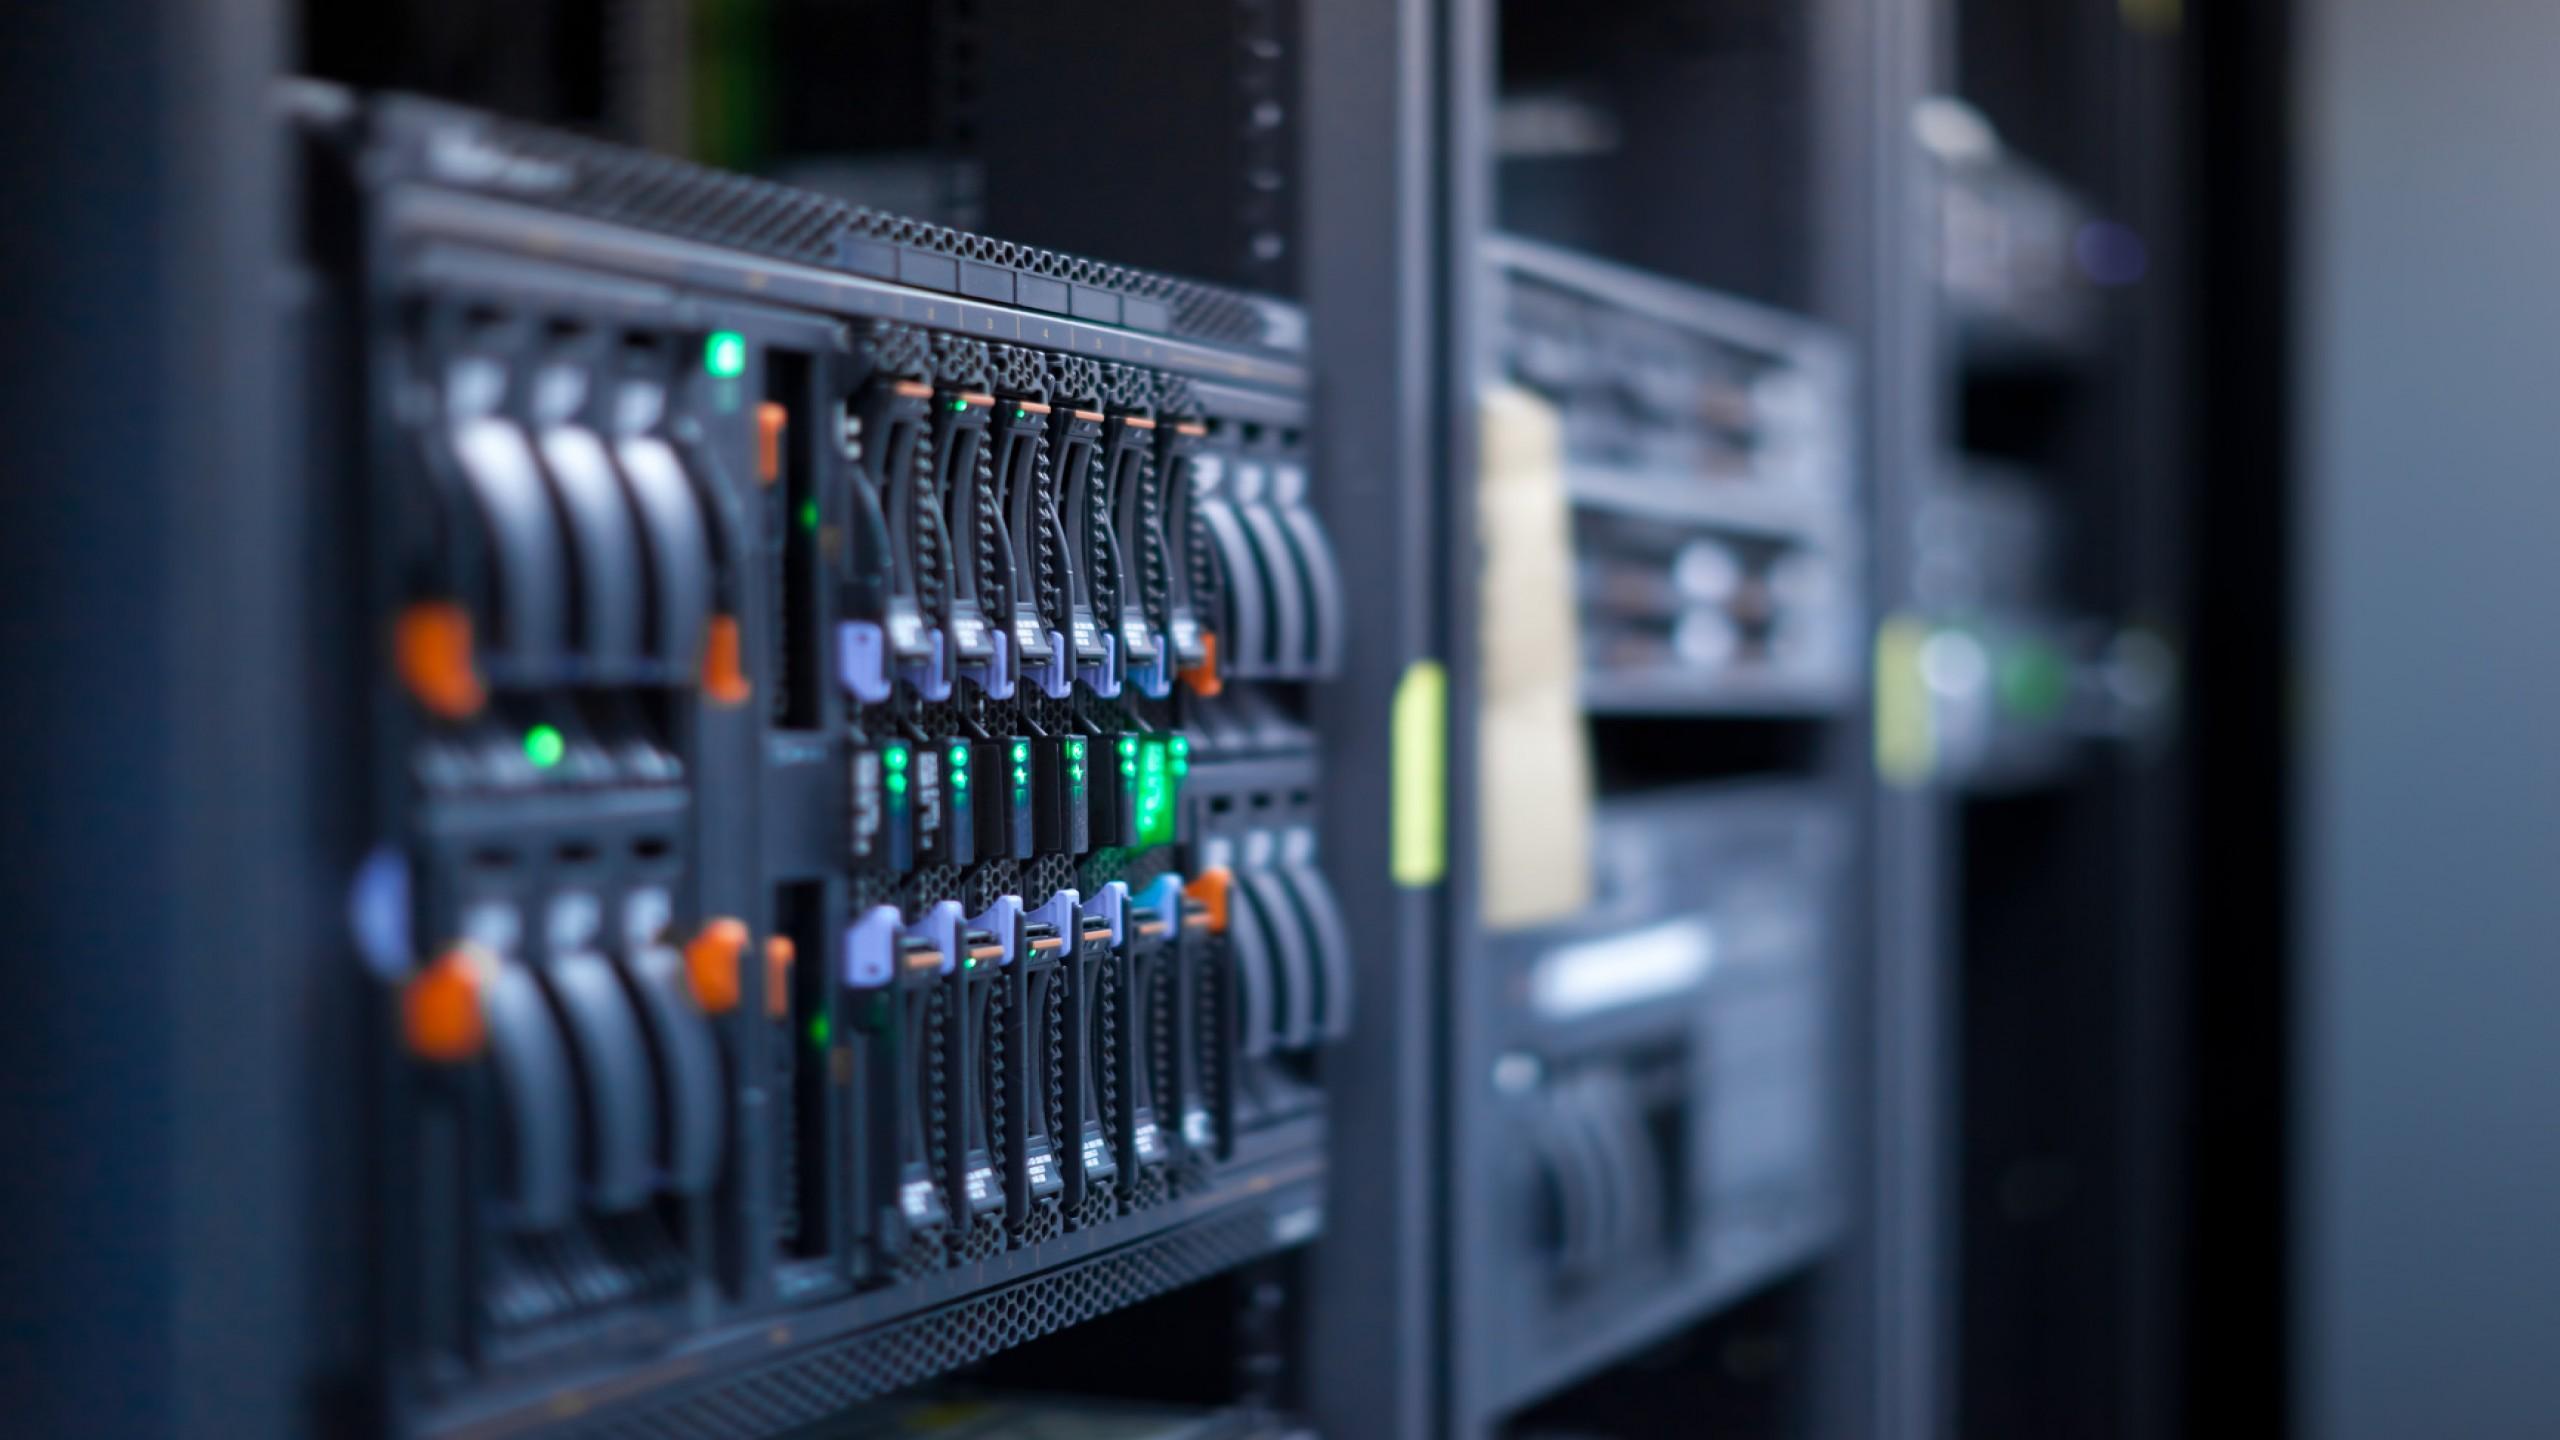 Виртуальный выделенный сервер от FreeHost - качество по приемлемым ценам